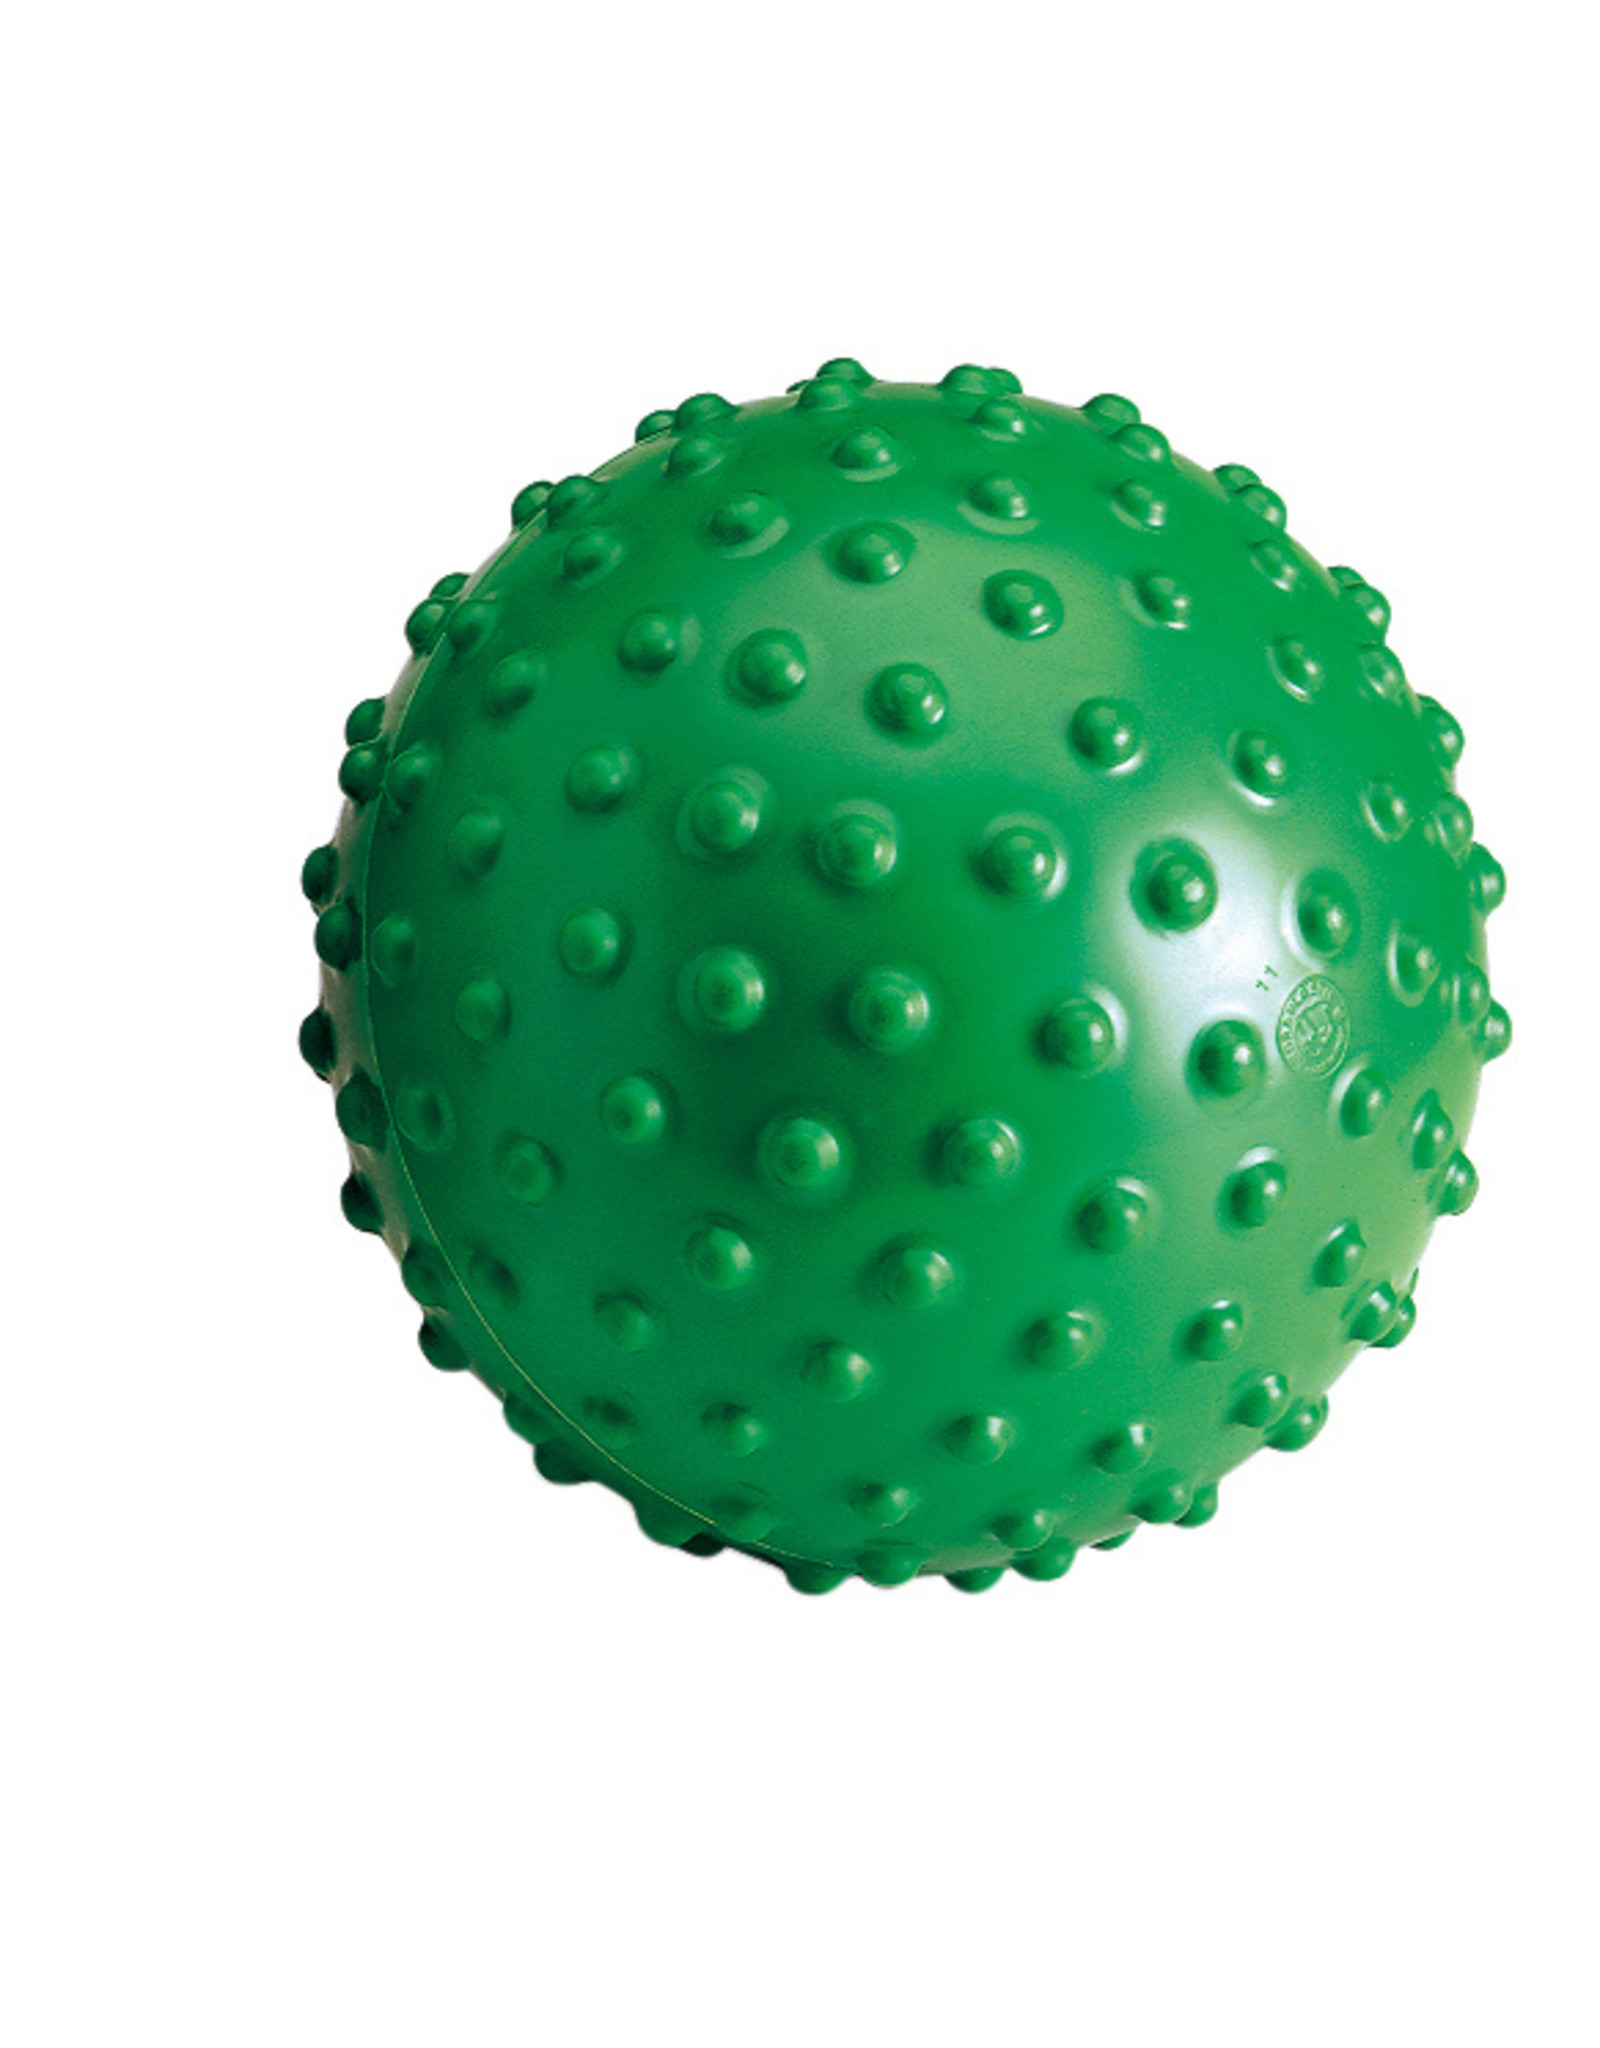 Gymnic Aku Ball / G / deflated